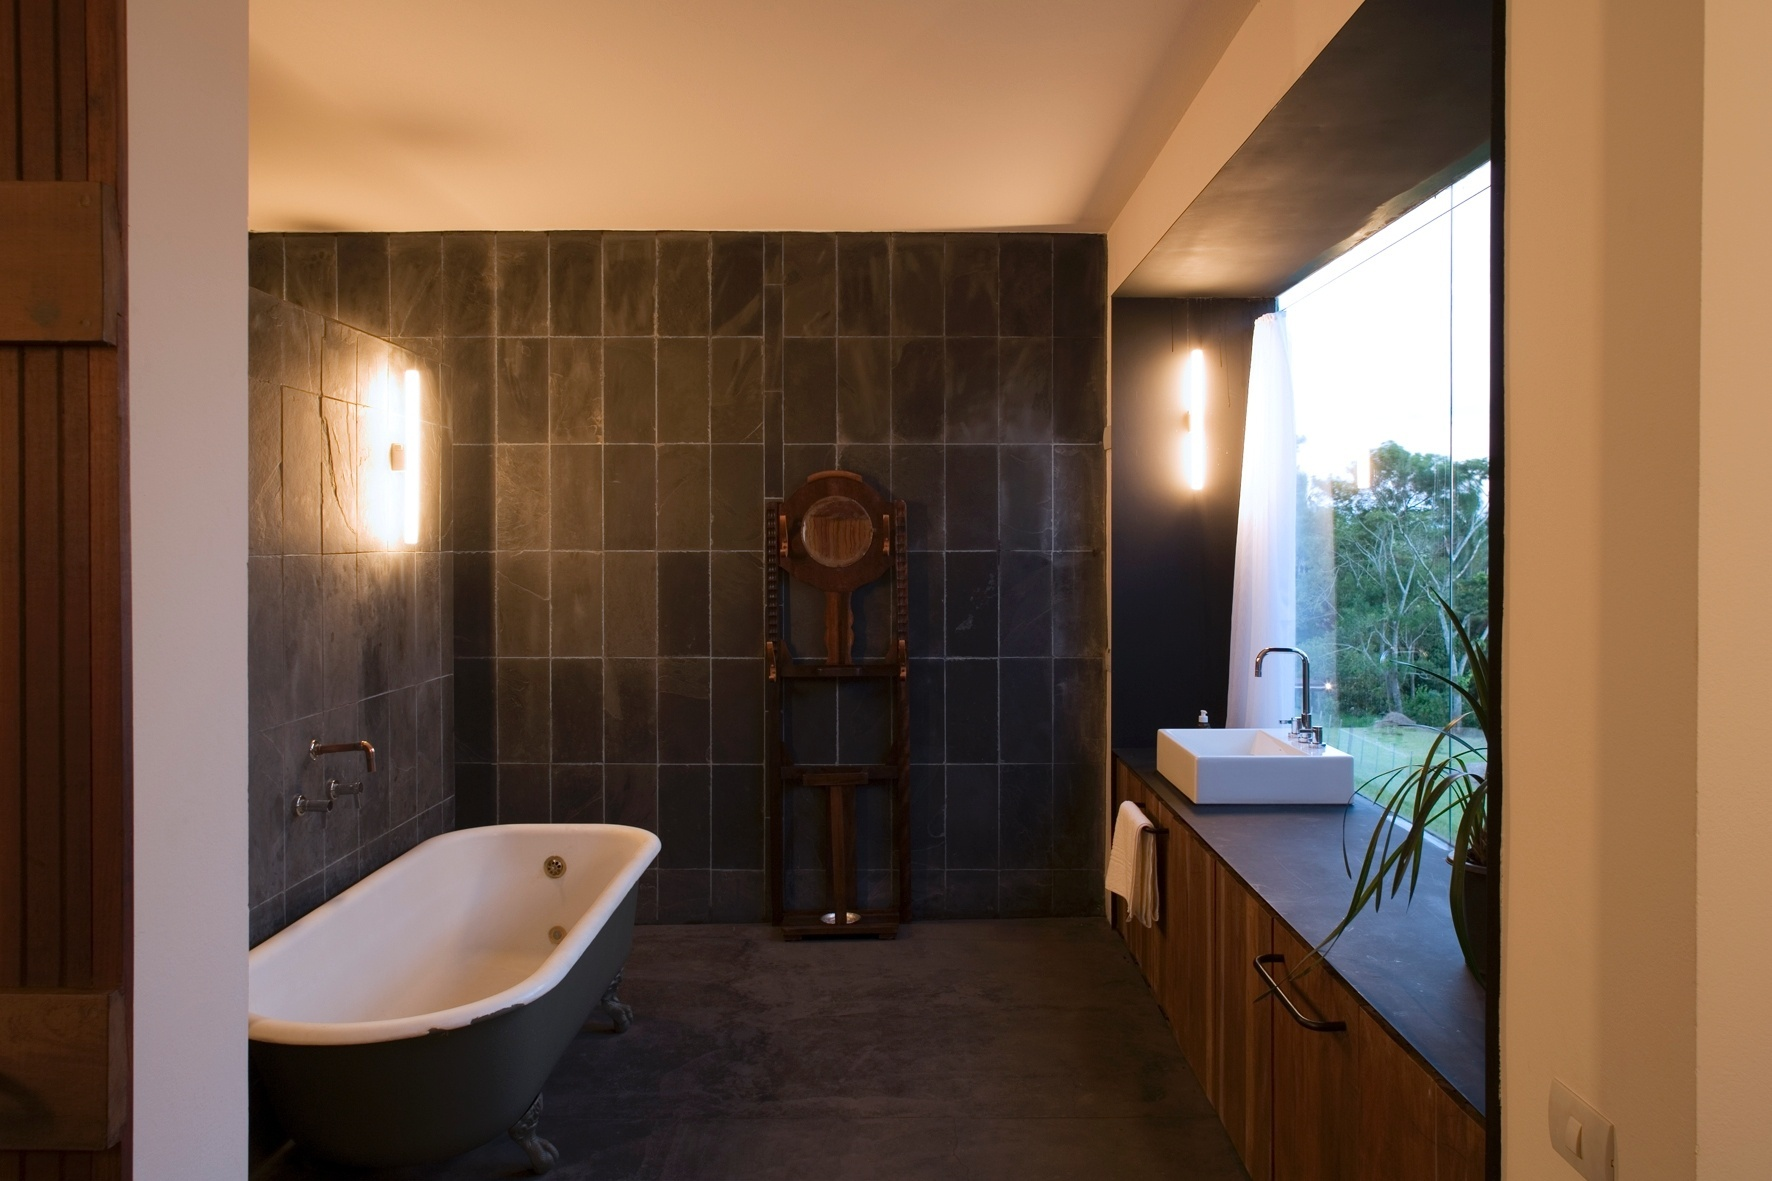 Decoração Banheiro Sitio  gotoworldfrcom decoração de banheiro simples de p # Banheiro Simples De Sitio